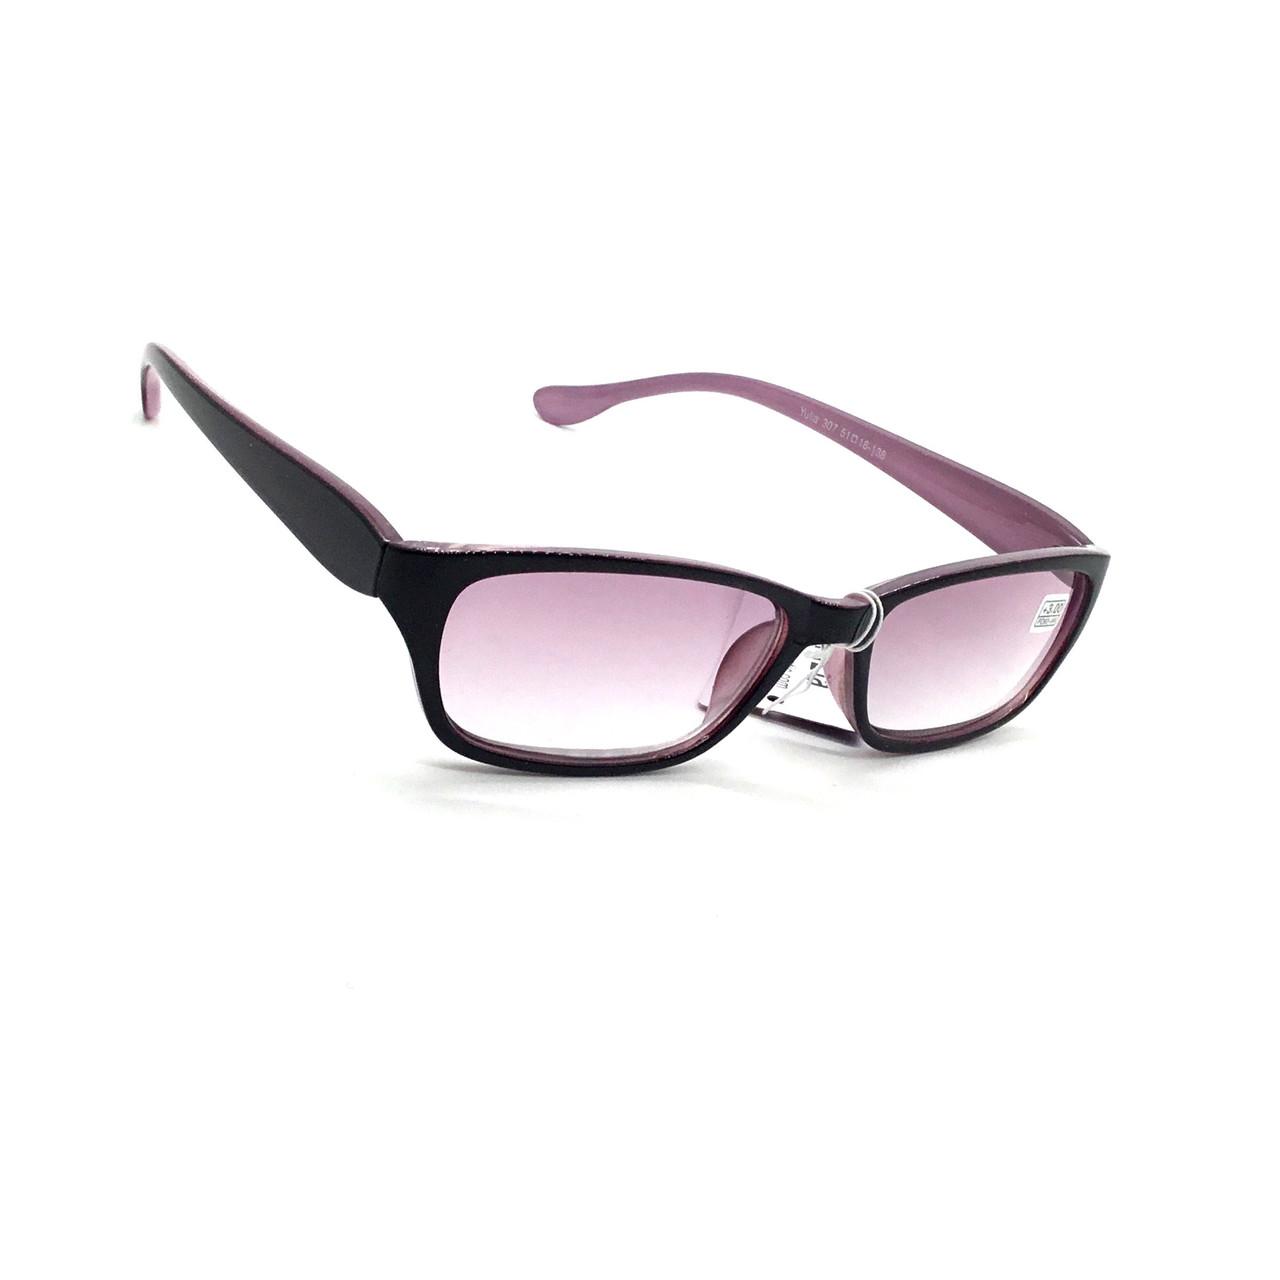 Жіночі окуляри в пластмасовій оправі з тонованою лінзою 307